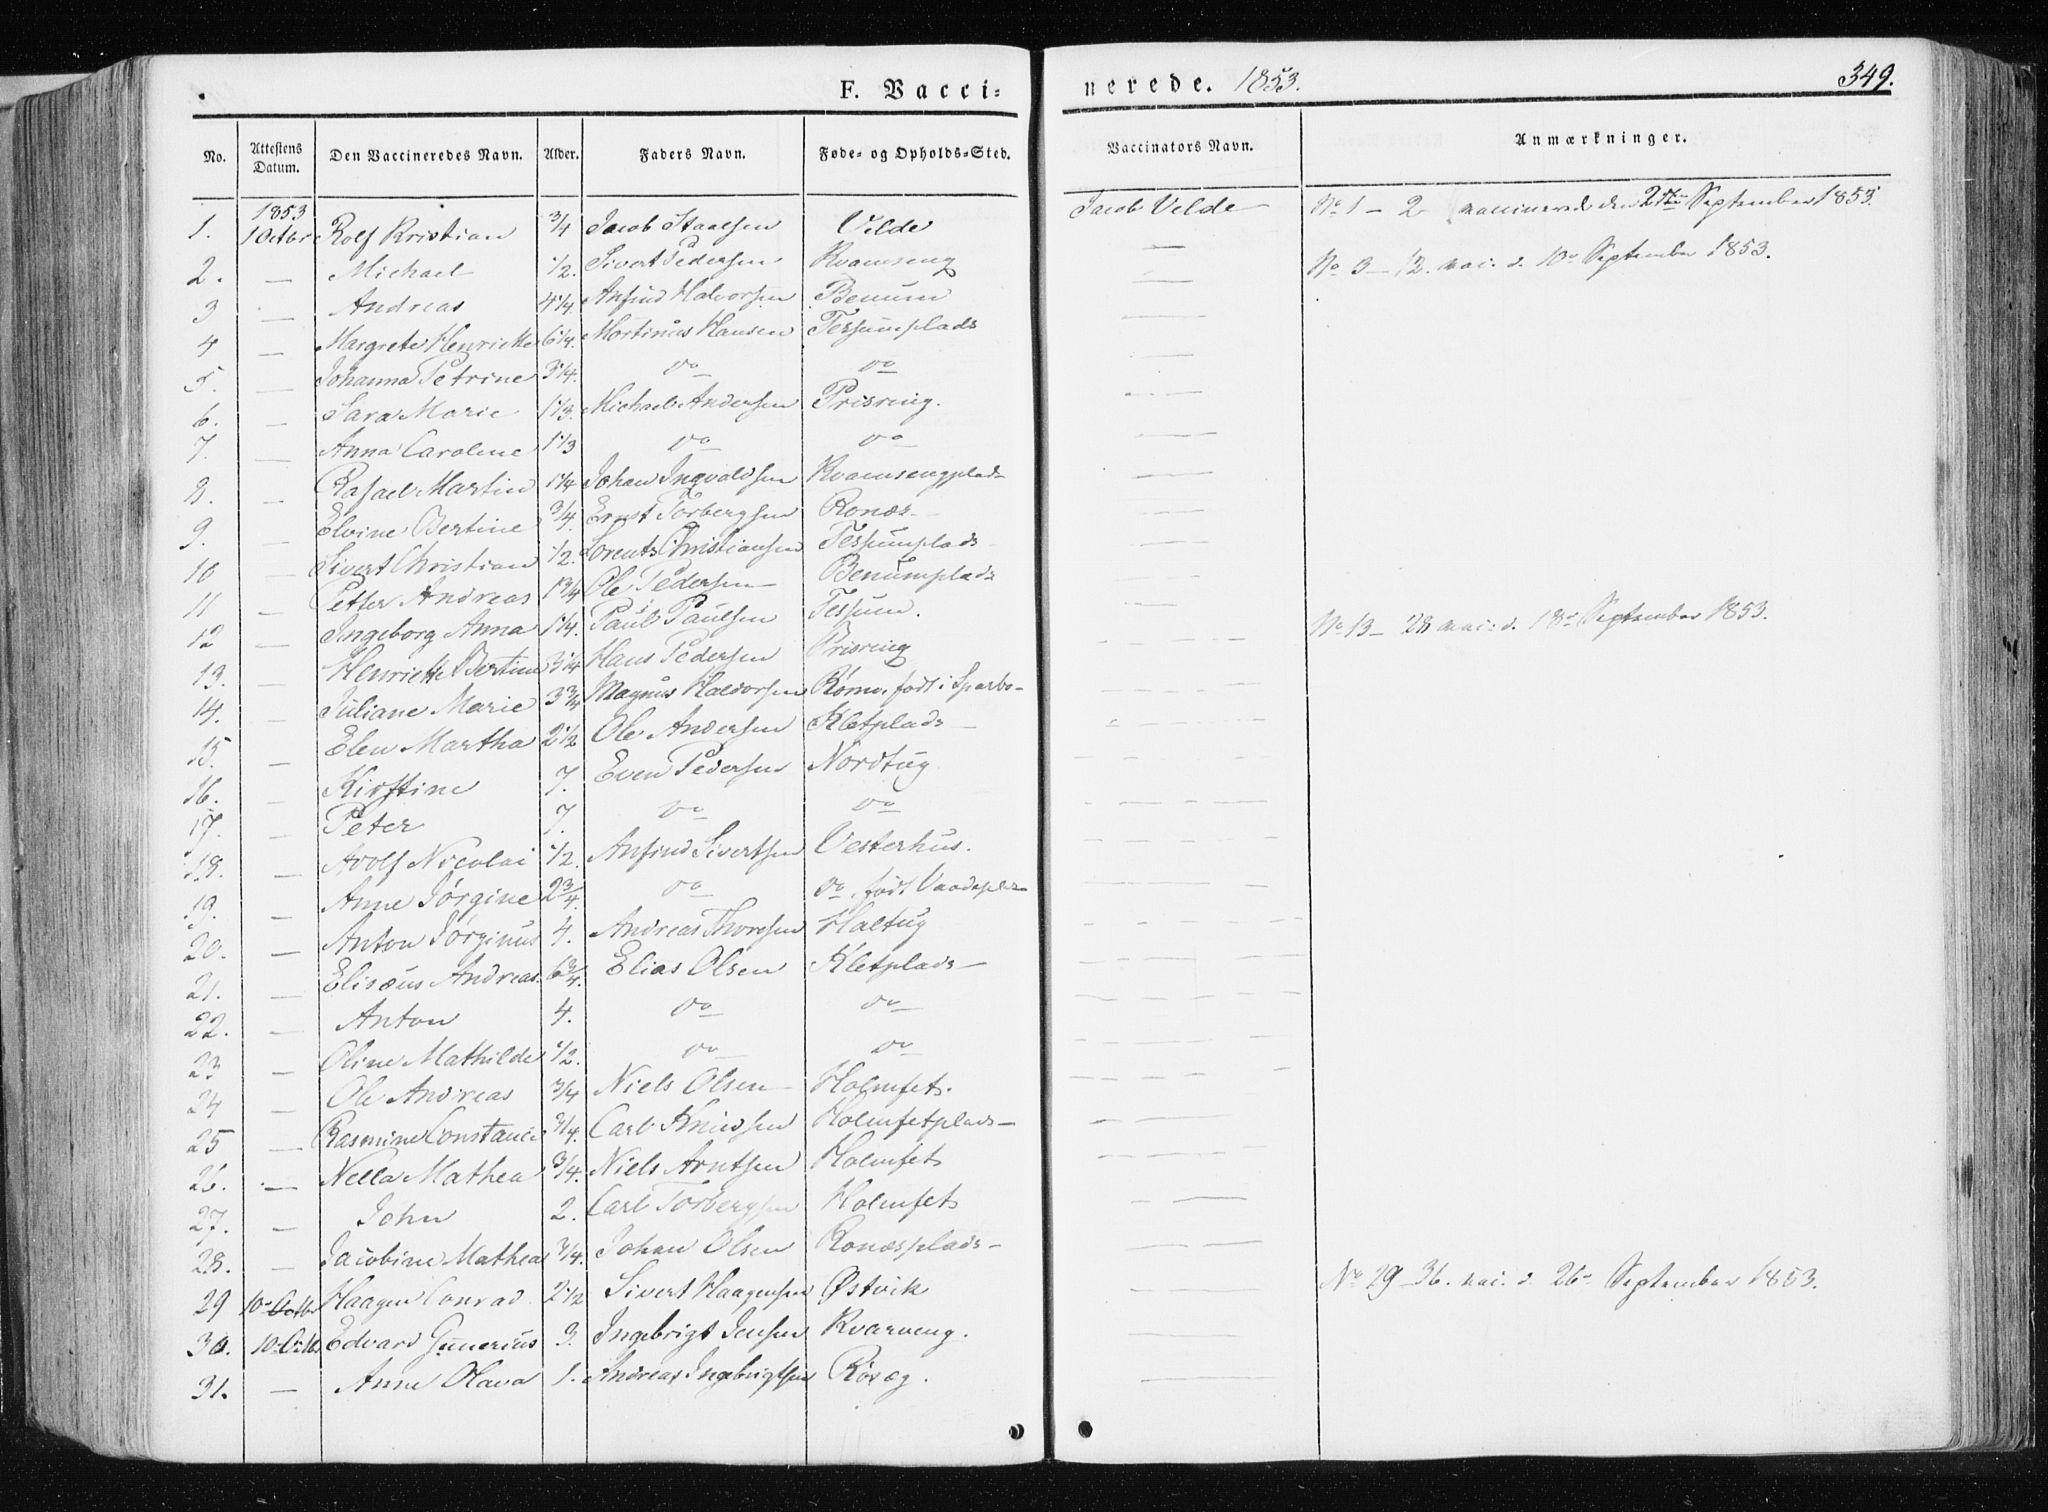 SAT, Ministerialprotokoller, klokkerbøker og fødselsregistre - Nord-Trøndelag, 741/L0393: Ministerialbok nr. 741A07, 1849-1863, s. 349